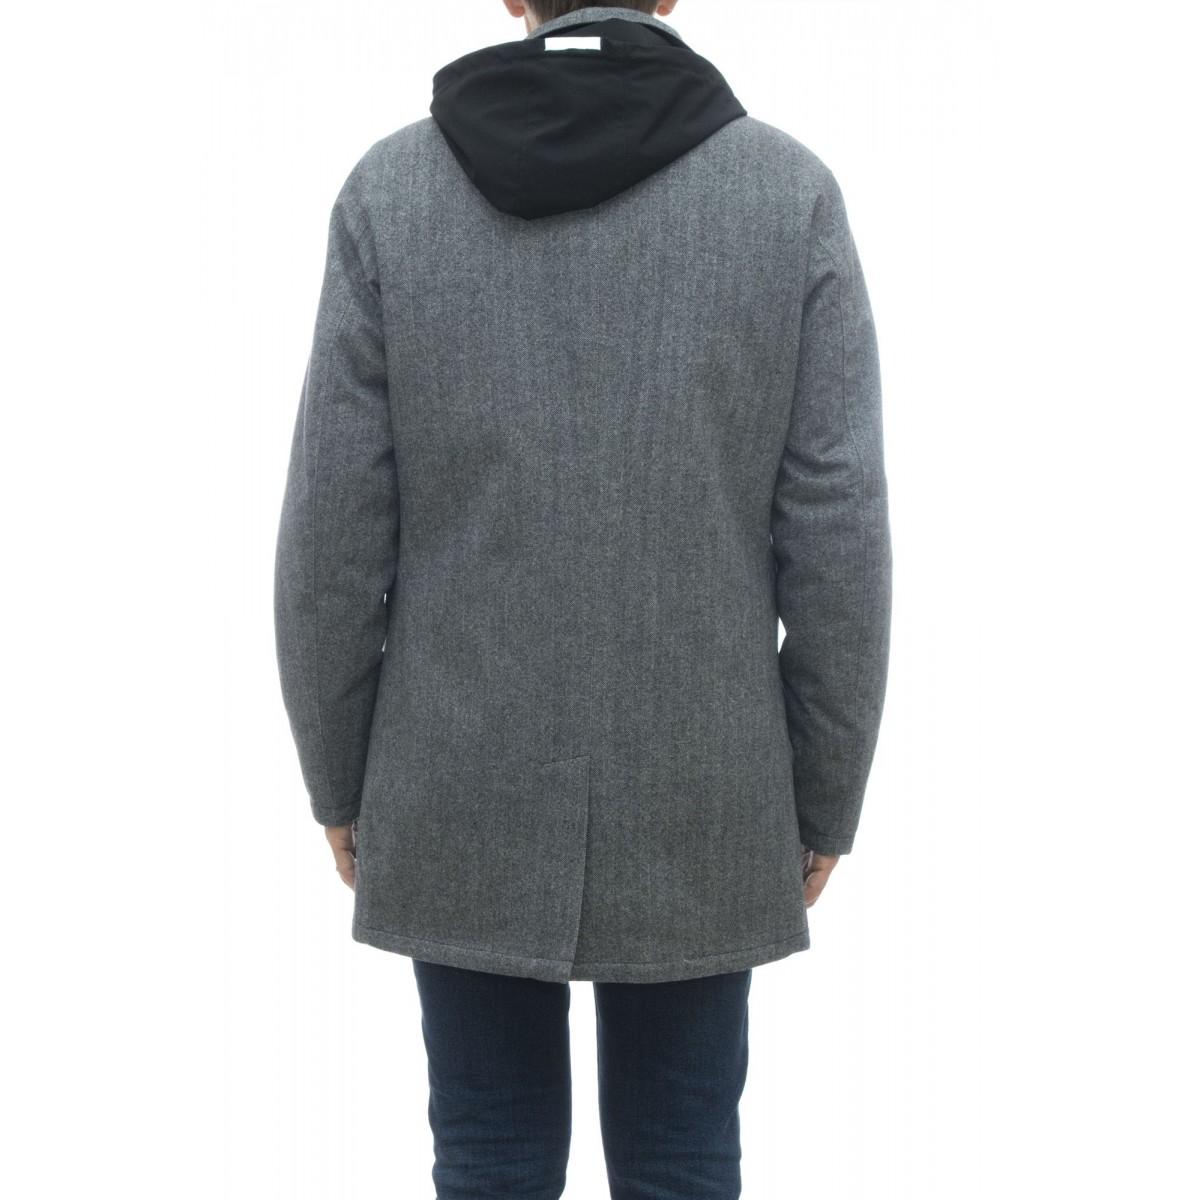 Piumino - Kyotot9316  trench lana zegna e 3m thinsulate